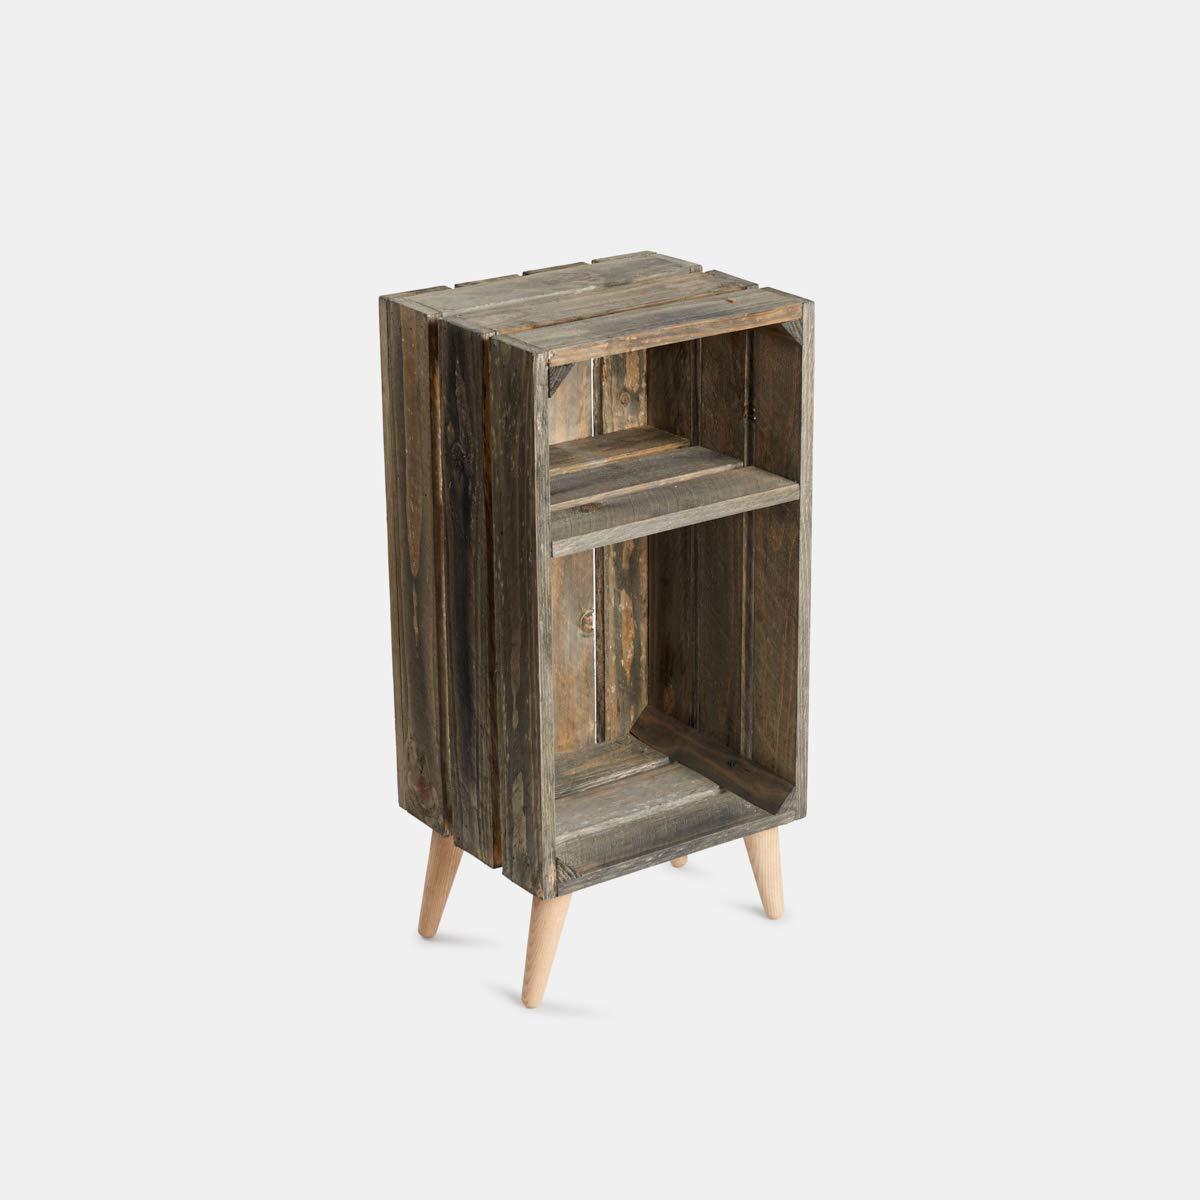 Rebajas oferta Mesita de noche de caja de frutas en madera, cajón en gris envejecido con patas, cuadradas, hierro hairpin legs,de madera de haya cónicas 60x30x25, muy estilo nórdico: Amazon.es: Handmade